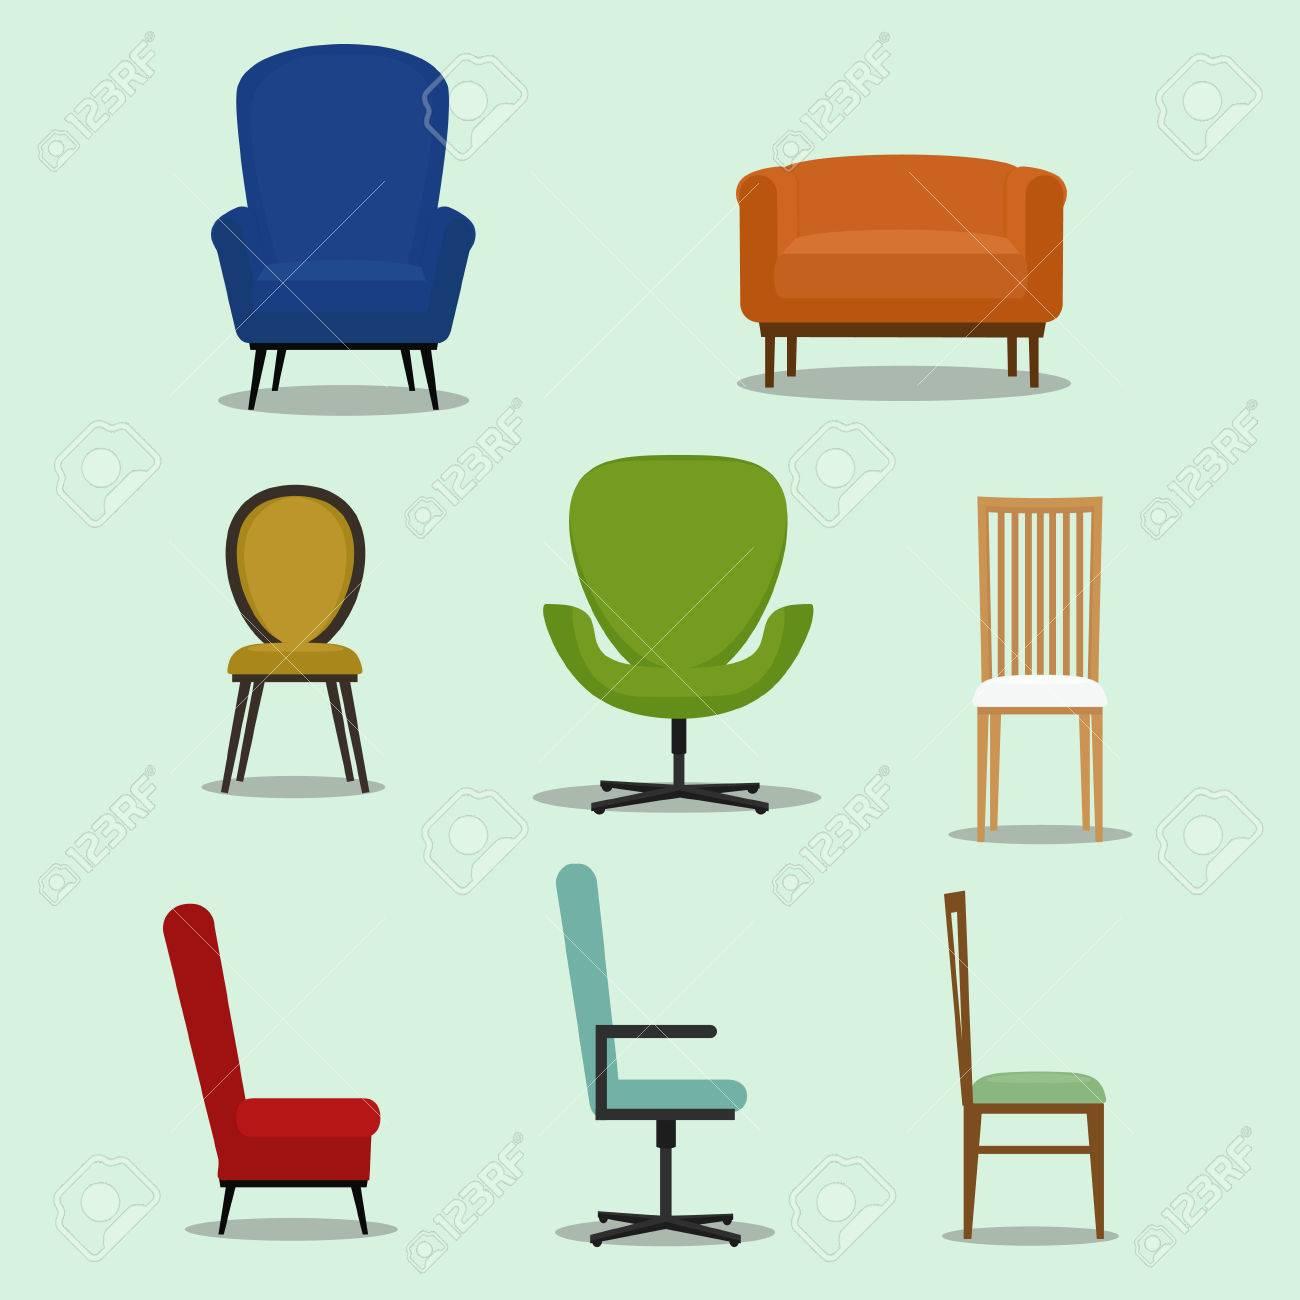 Vorm En Stijl.Set Van Geisoleerde Stoel En Sofa Met Verschillende Vorm En Design Vlakke Stijl Vector Illustratie